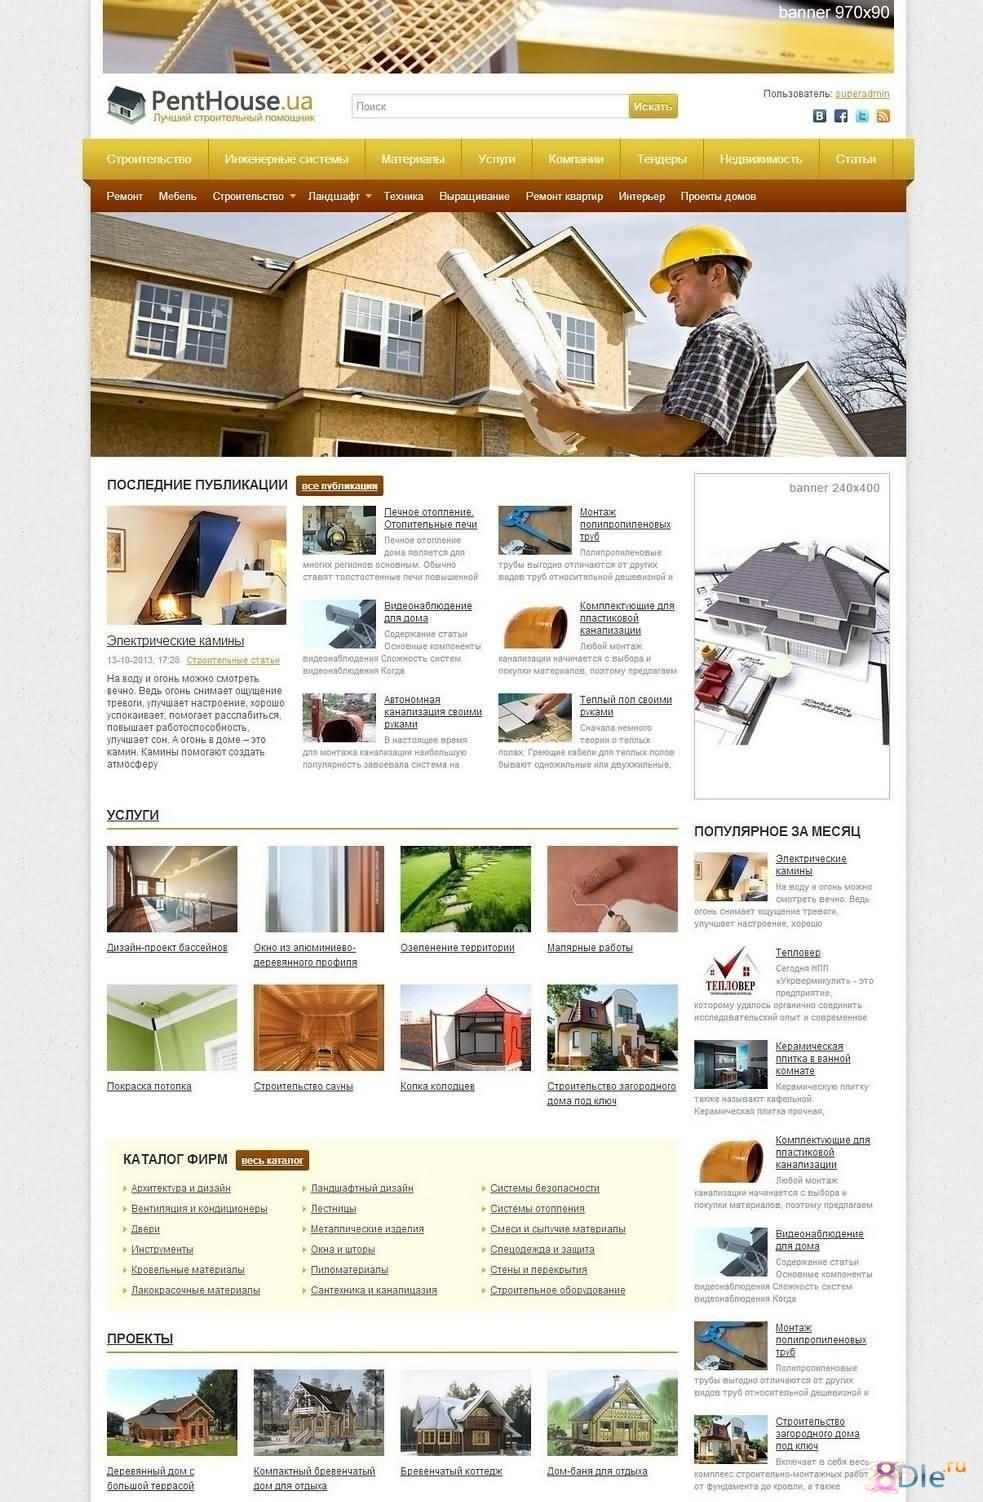 Шаблоны free сайтов (часть 1) (real estate)